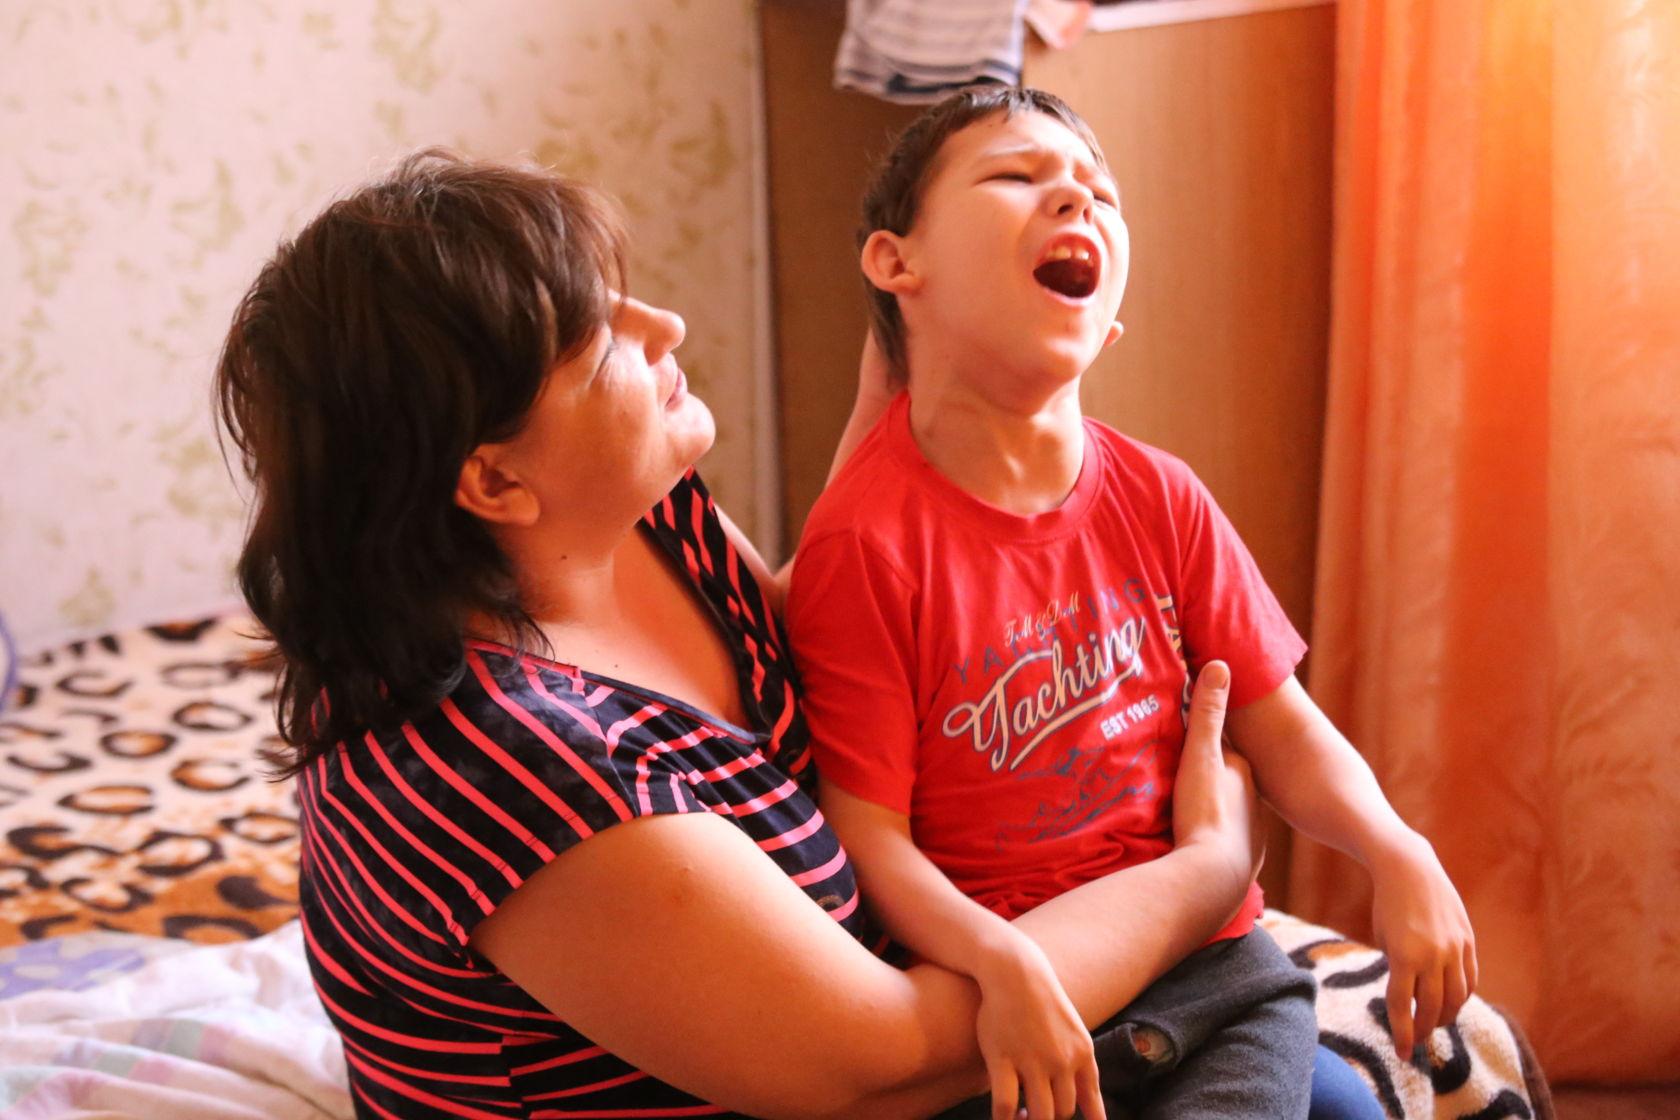 Рассказы как я переспала с сыном и какие мои ощущения 29 фотография